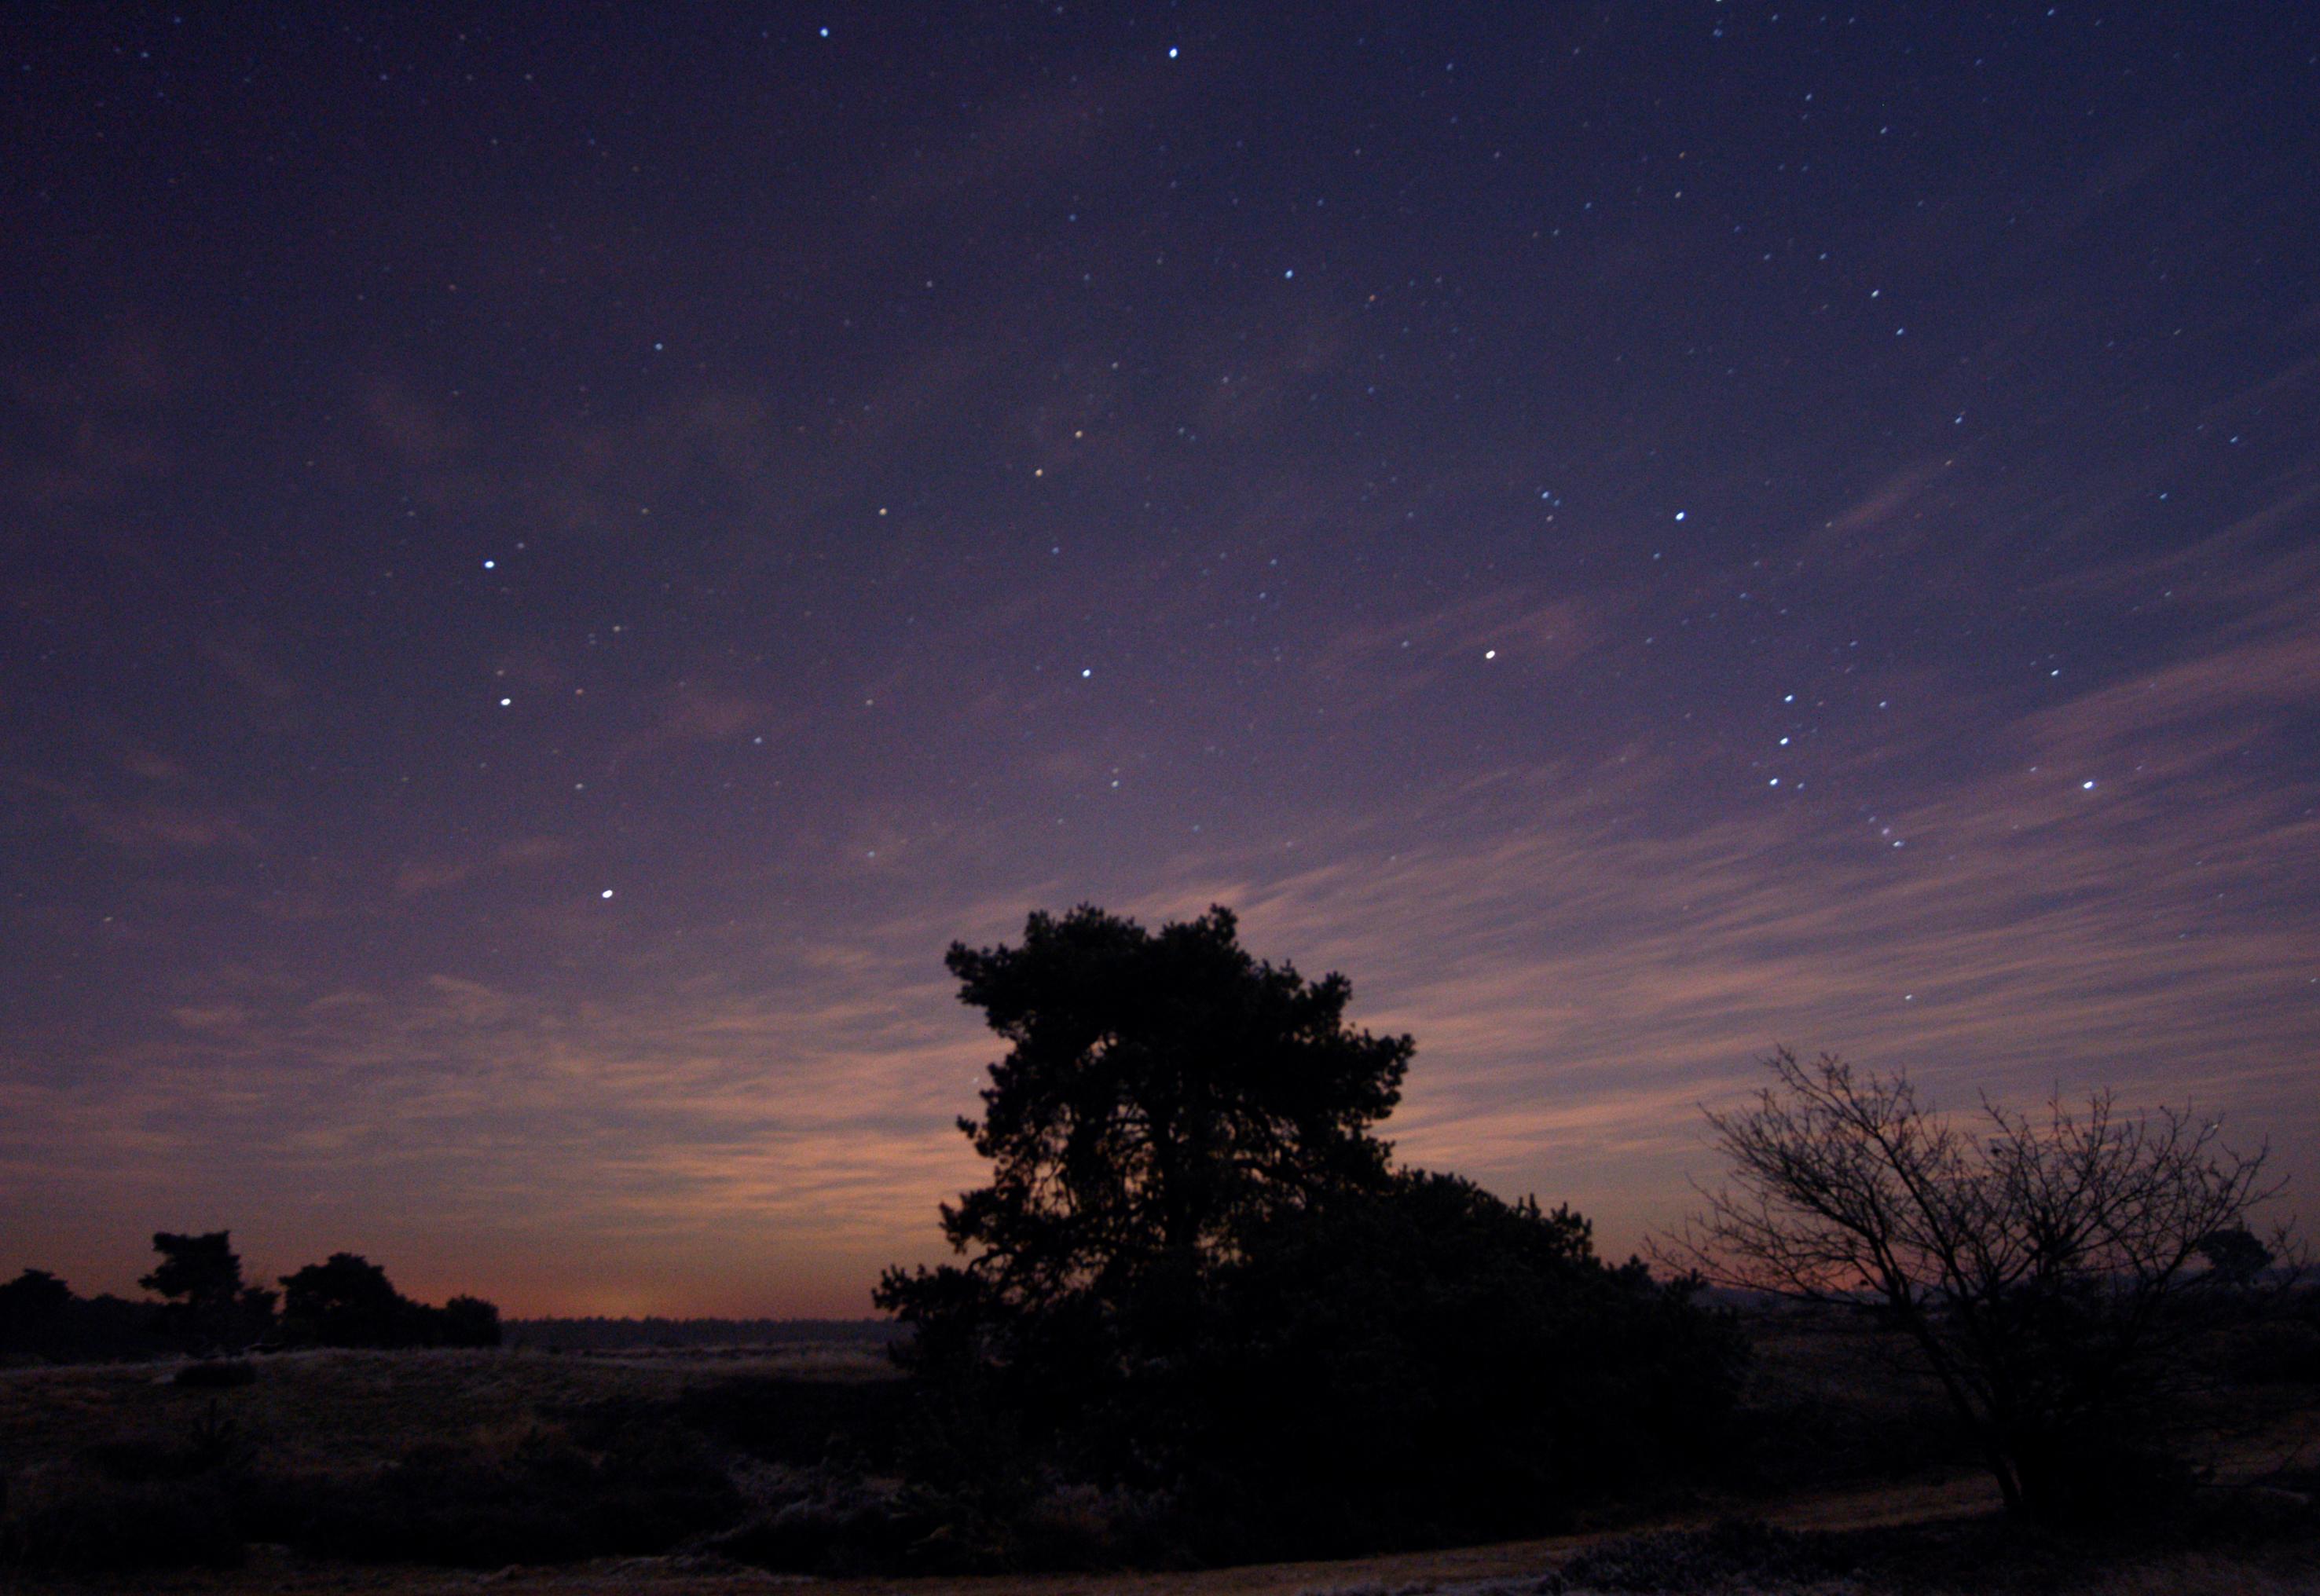 sterren boven heide, foto van Jap Smits